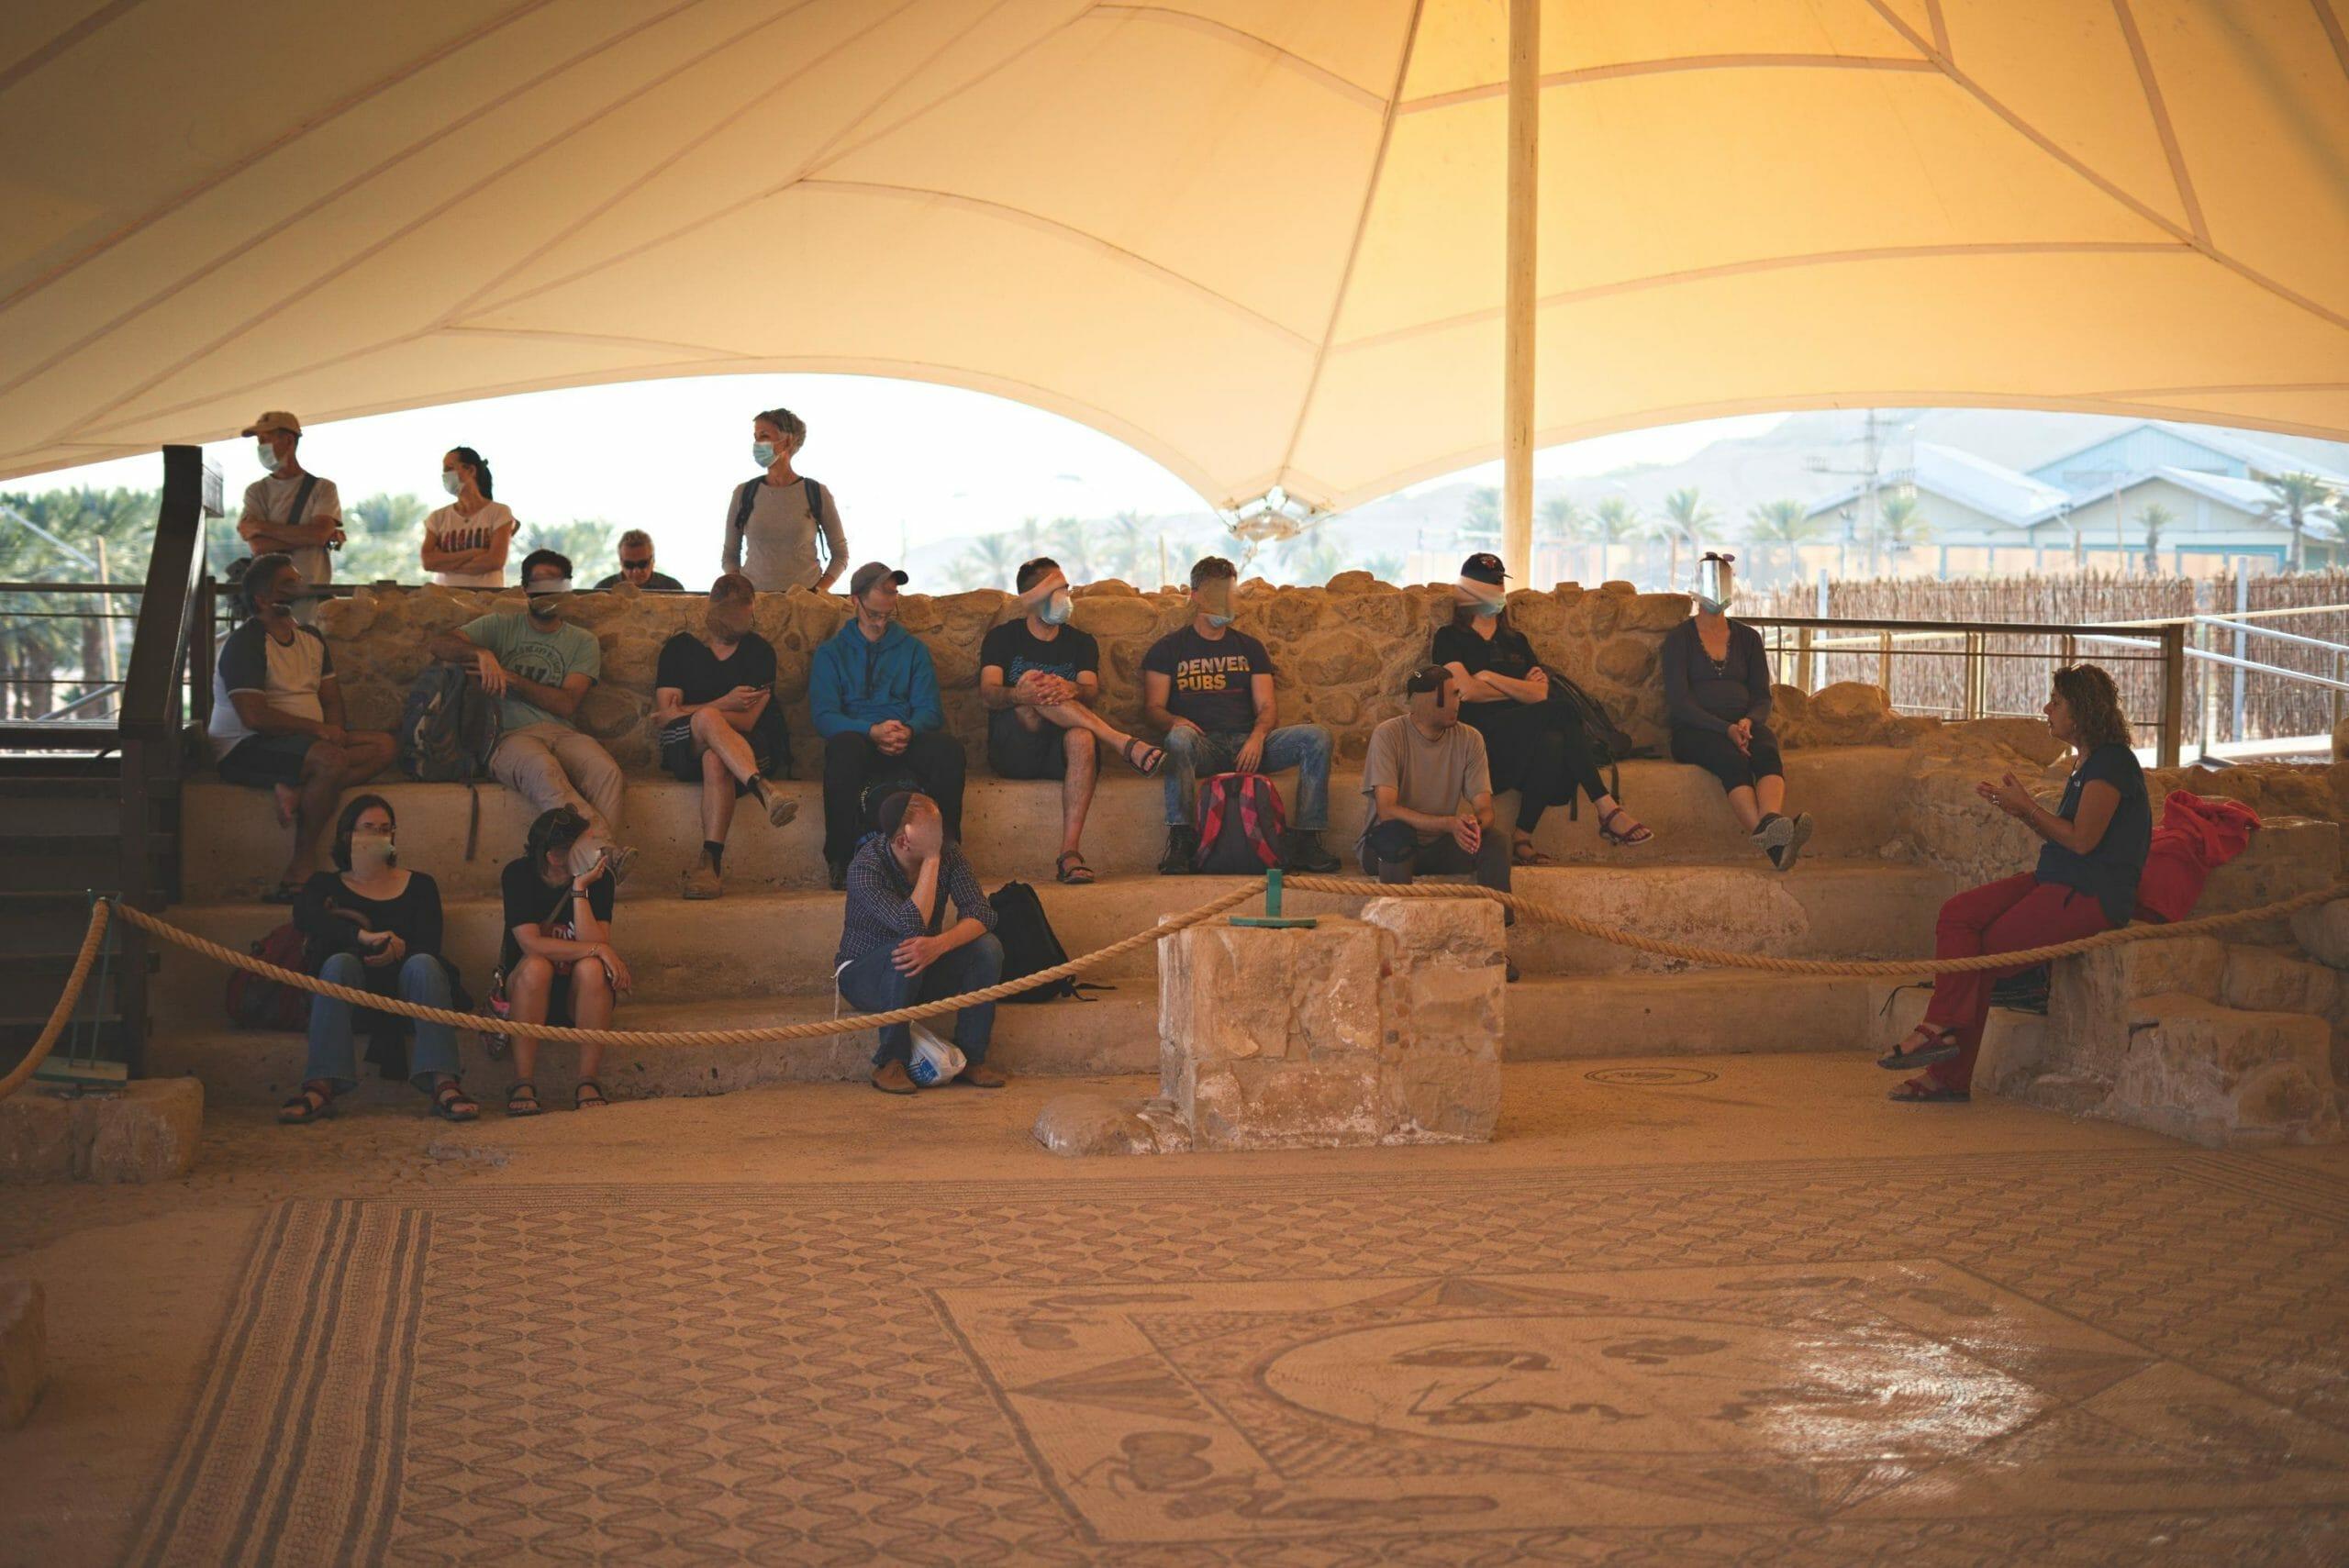 טיול חברת הייטק בריפקם לבית הכנסת העתיק בעין גדי, צילום: יוסי אביטל